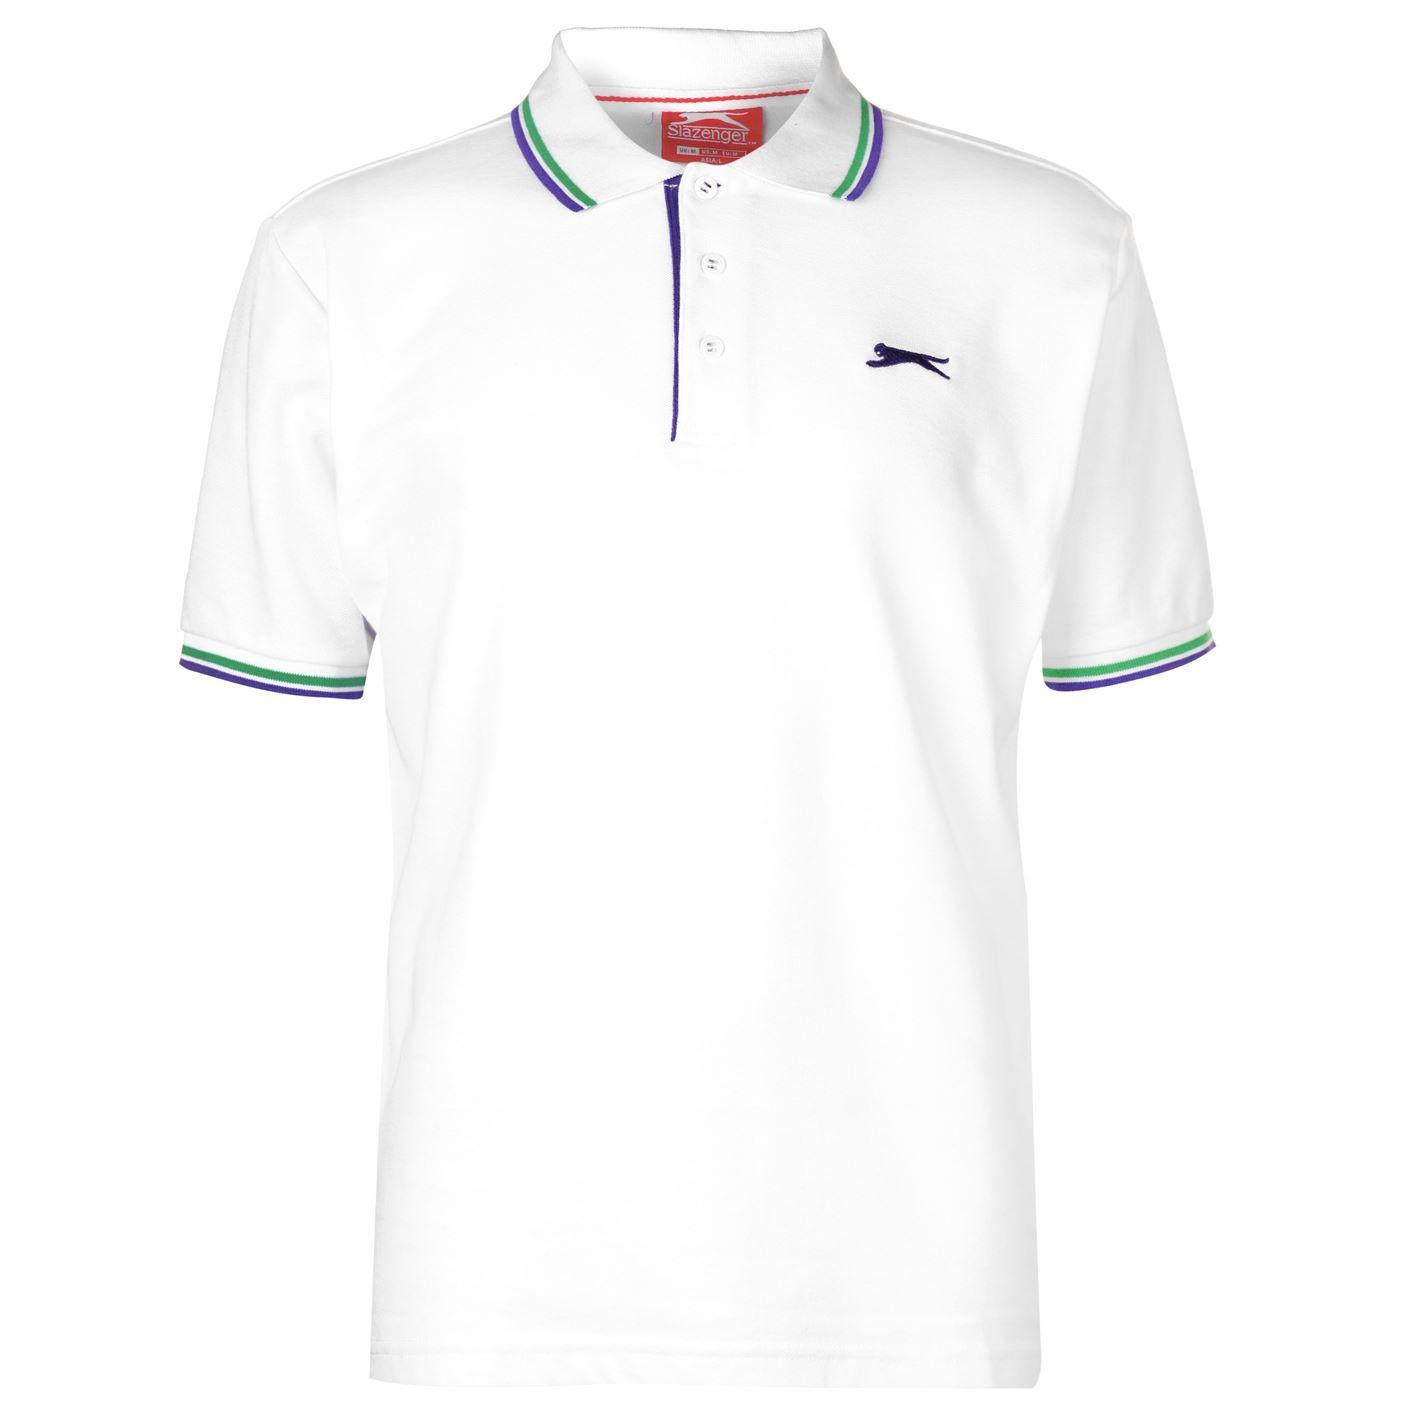 Slazenger-Polo-Camisa-de-hombre-con-cuello-con-Punta-T-Shirt-Top-Camiseta-Tee miniatura 89